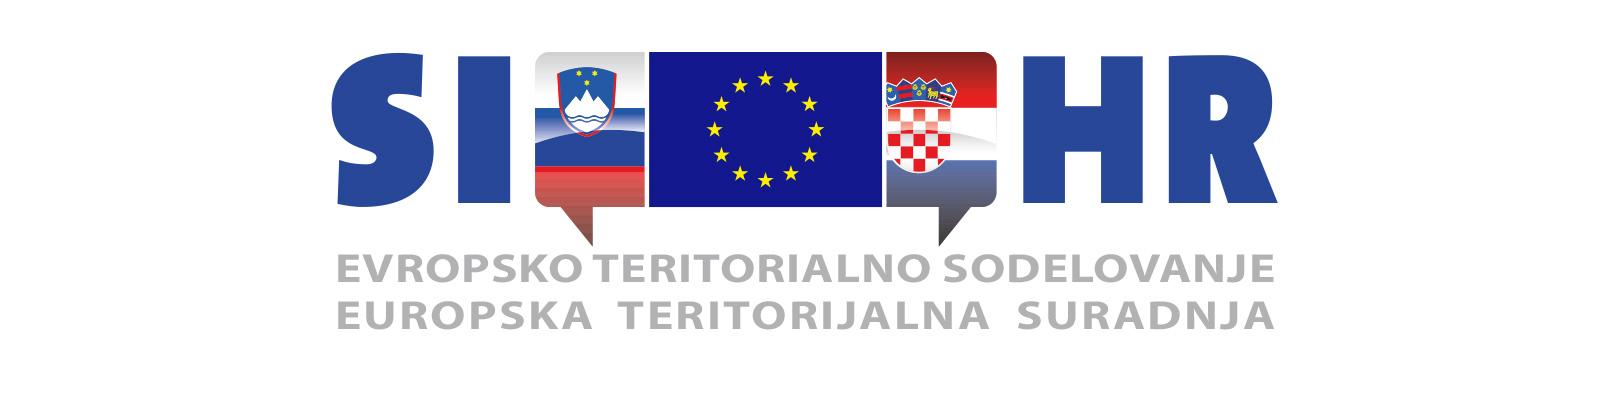 logo_eu_teritorij_suradnja.jpg